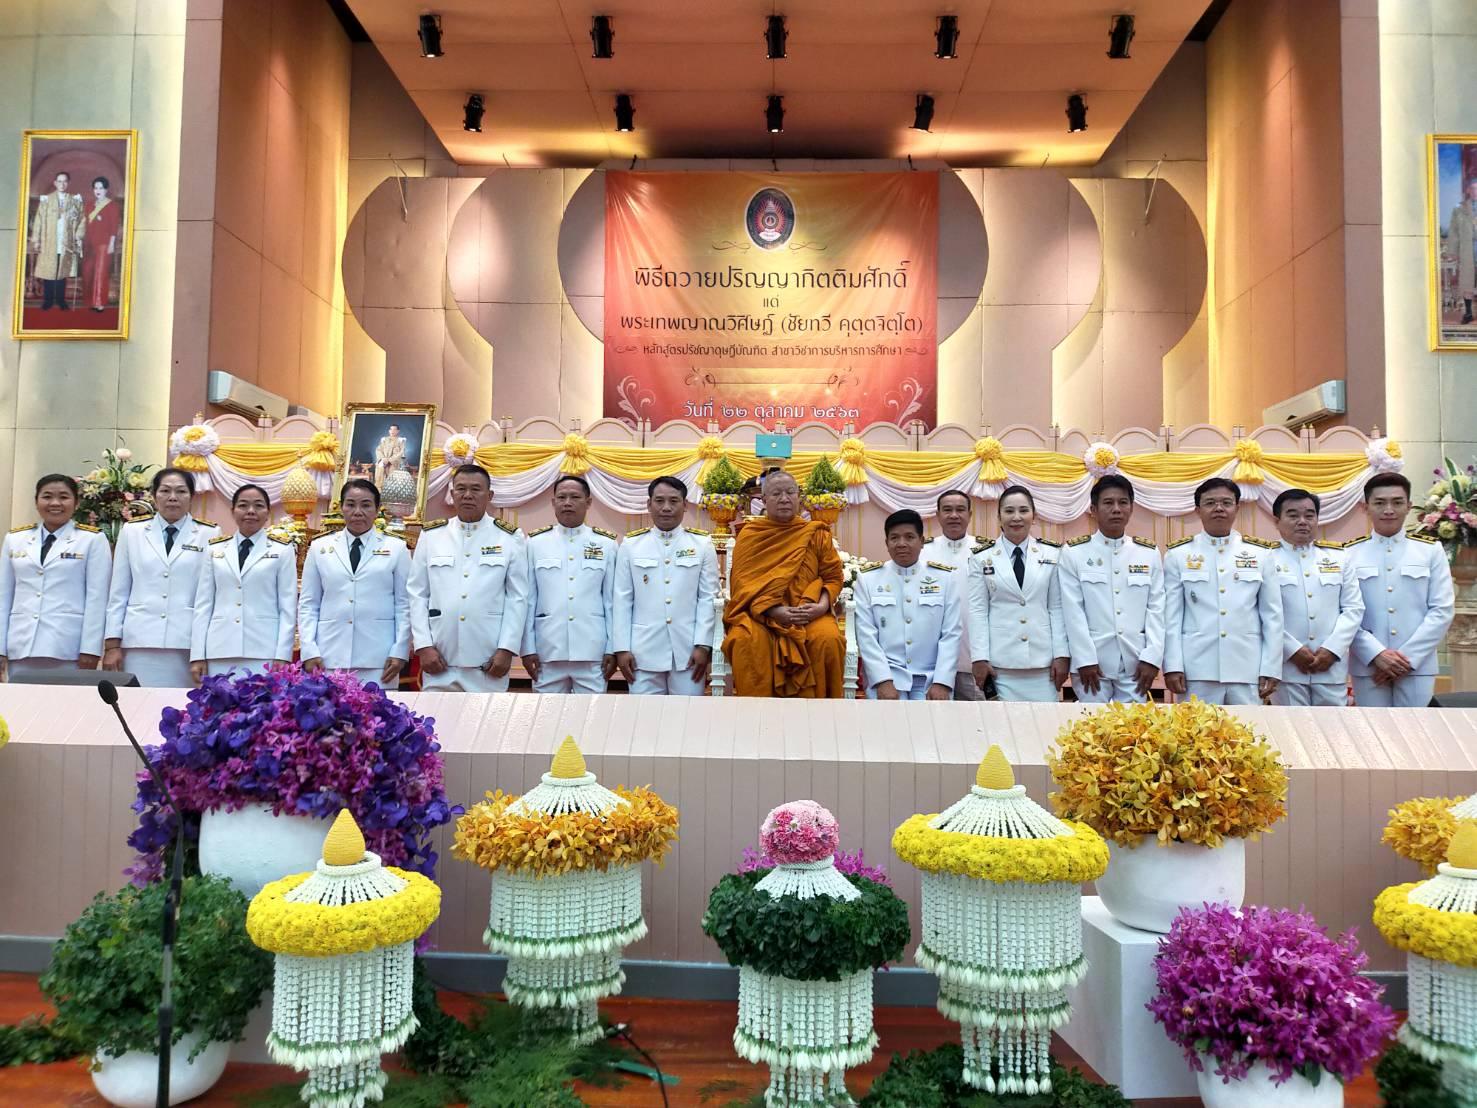 โรงเรียนกาญจนาภิเษกวิทยาลัย กาฬสินธุ์ เข้าร่วมพิธีถวายปริญญากิตติมศักดิ์ แด่  พระเทพญาณวิศิษฏ์ ( ชัยทวี  คุตฺตจิตฺโต ) ณ หอประชุมมหาวชิราลงกรณ  มหาวิทยาลัยราชภัฏสกลนคร